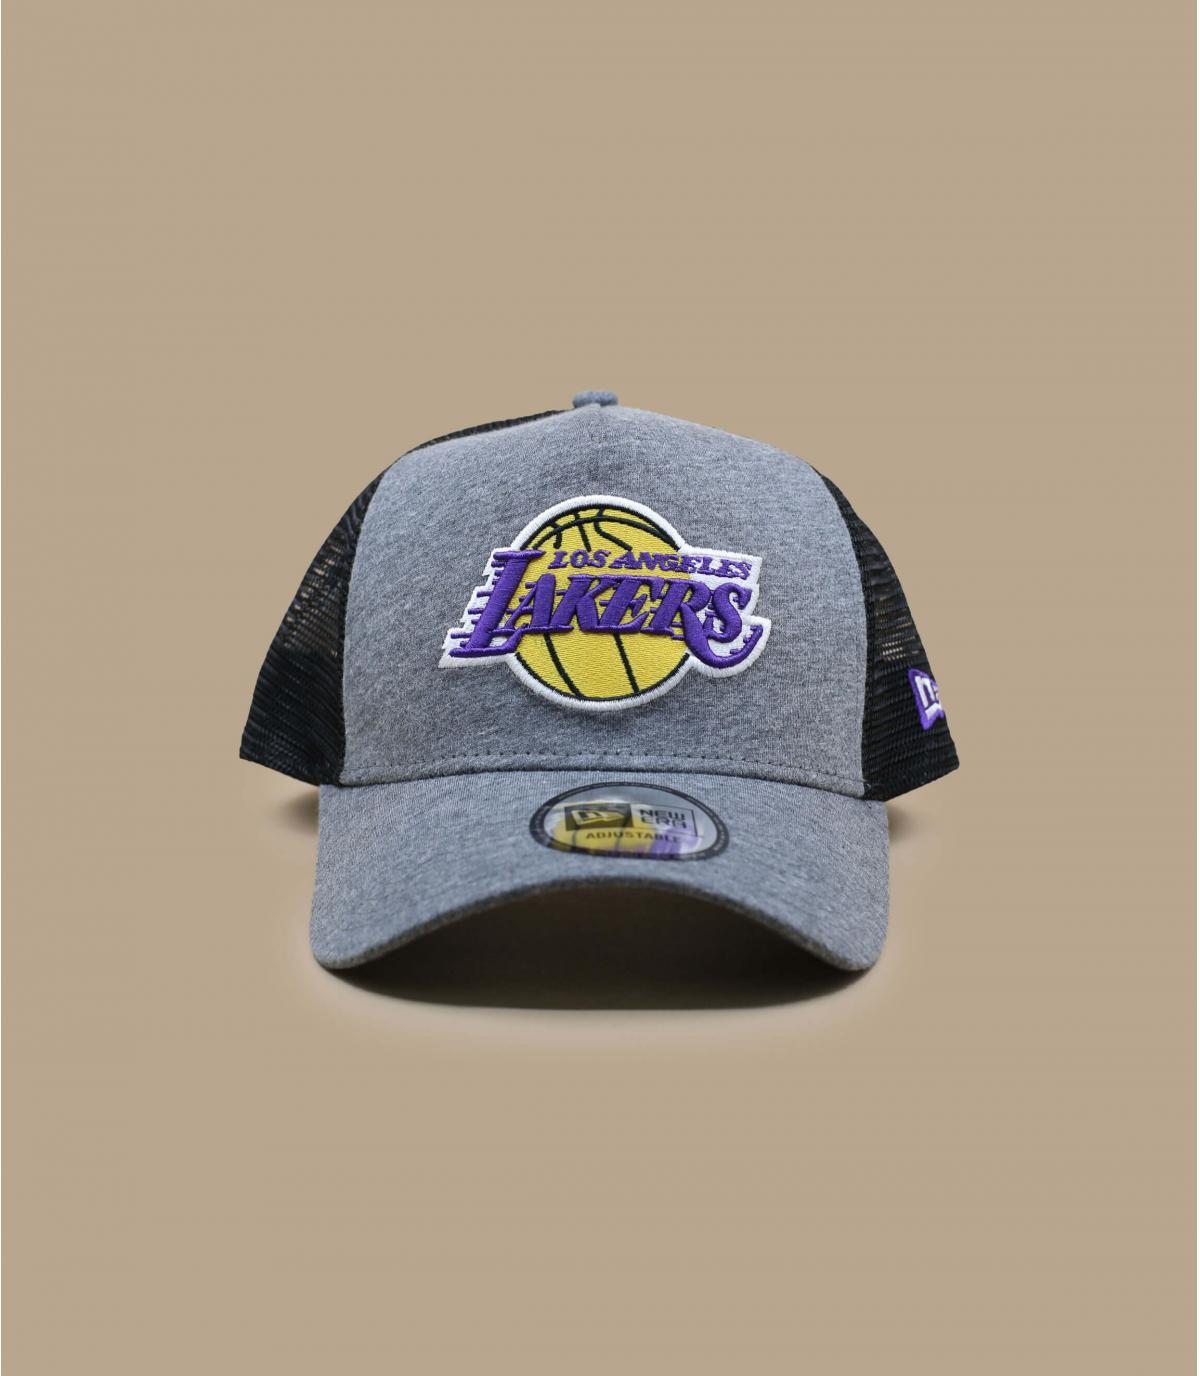 Detalles Trucker Jersey Ess Lakers imagen 2